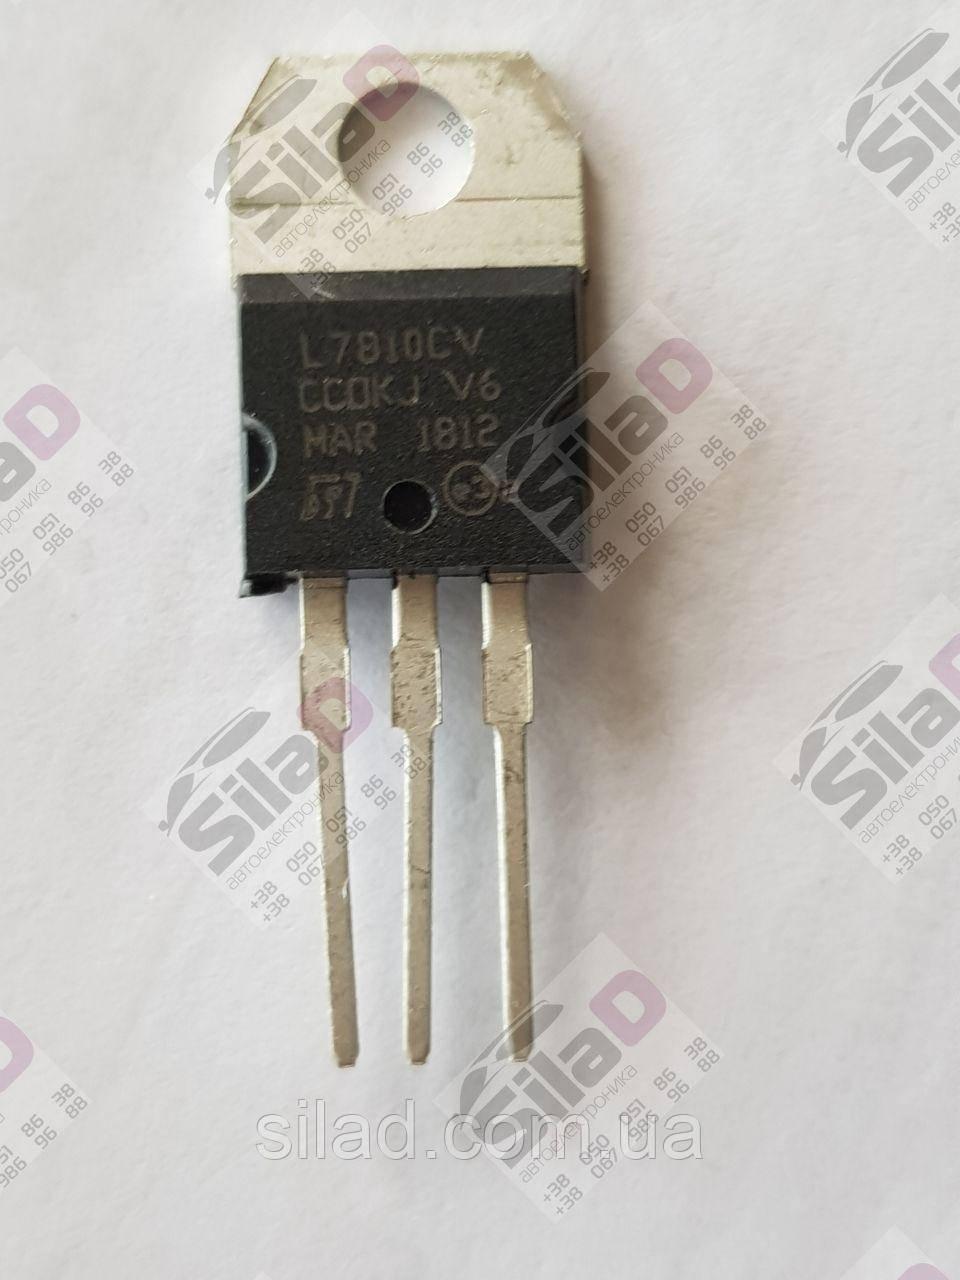 Стабилизатор напряжения 10V 1,5A L7810CV STMicroelectronics корпус TO220